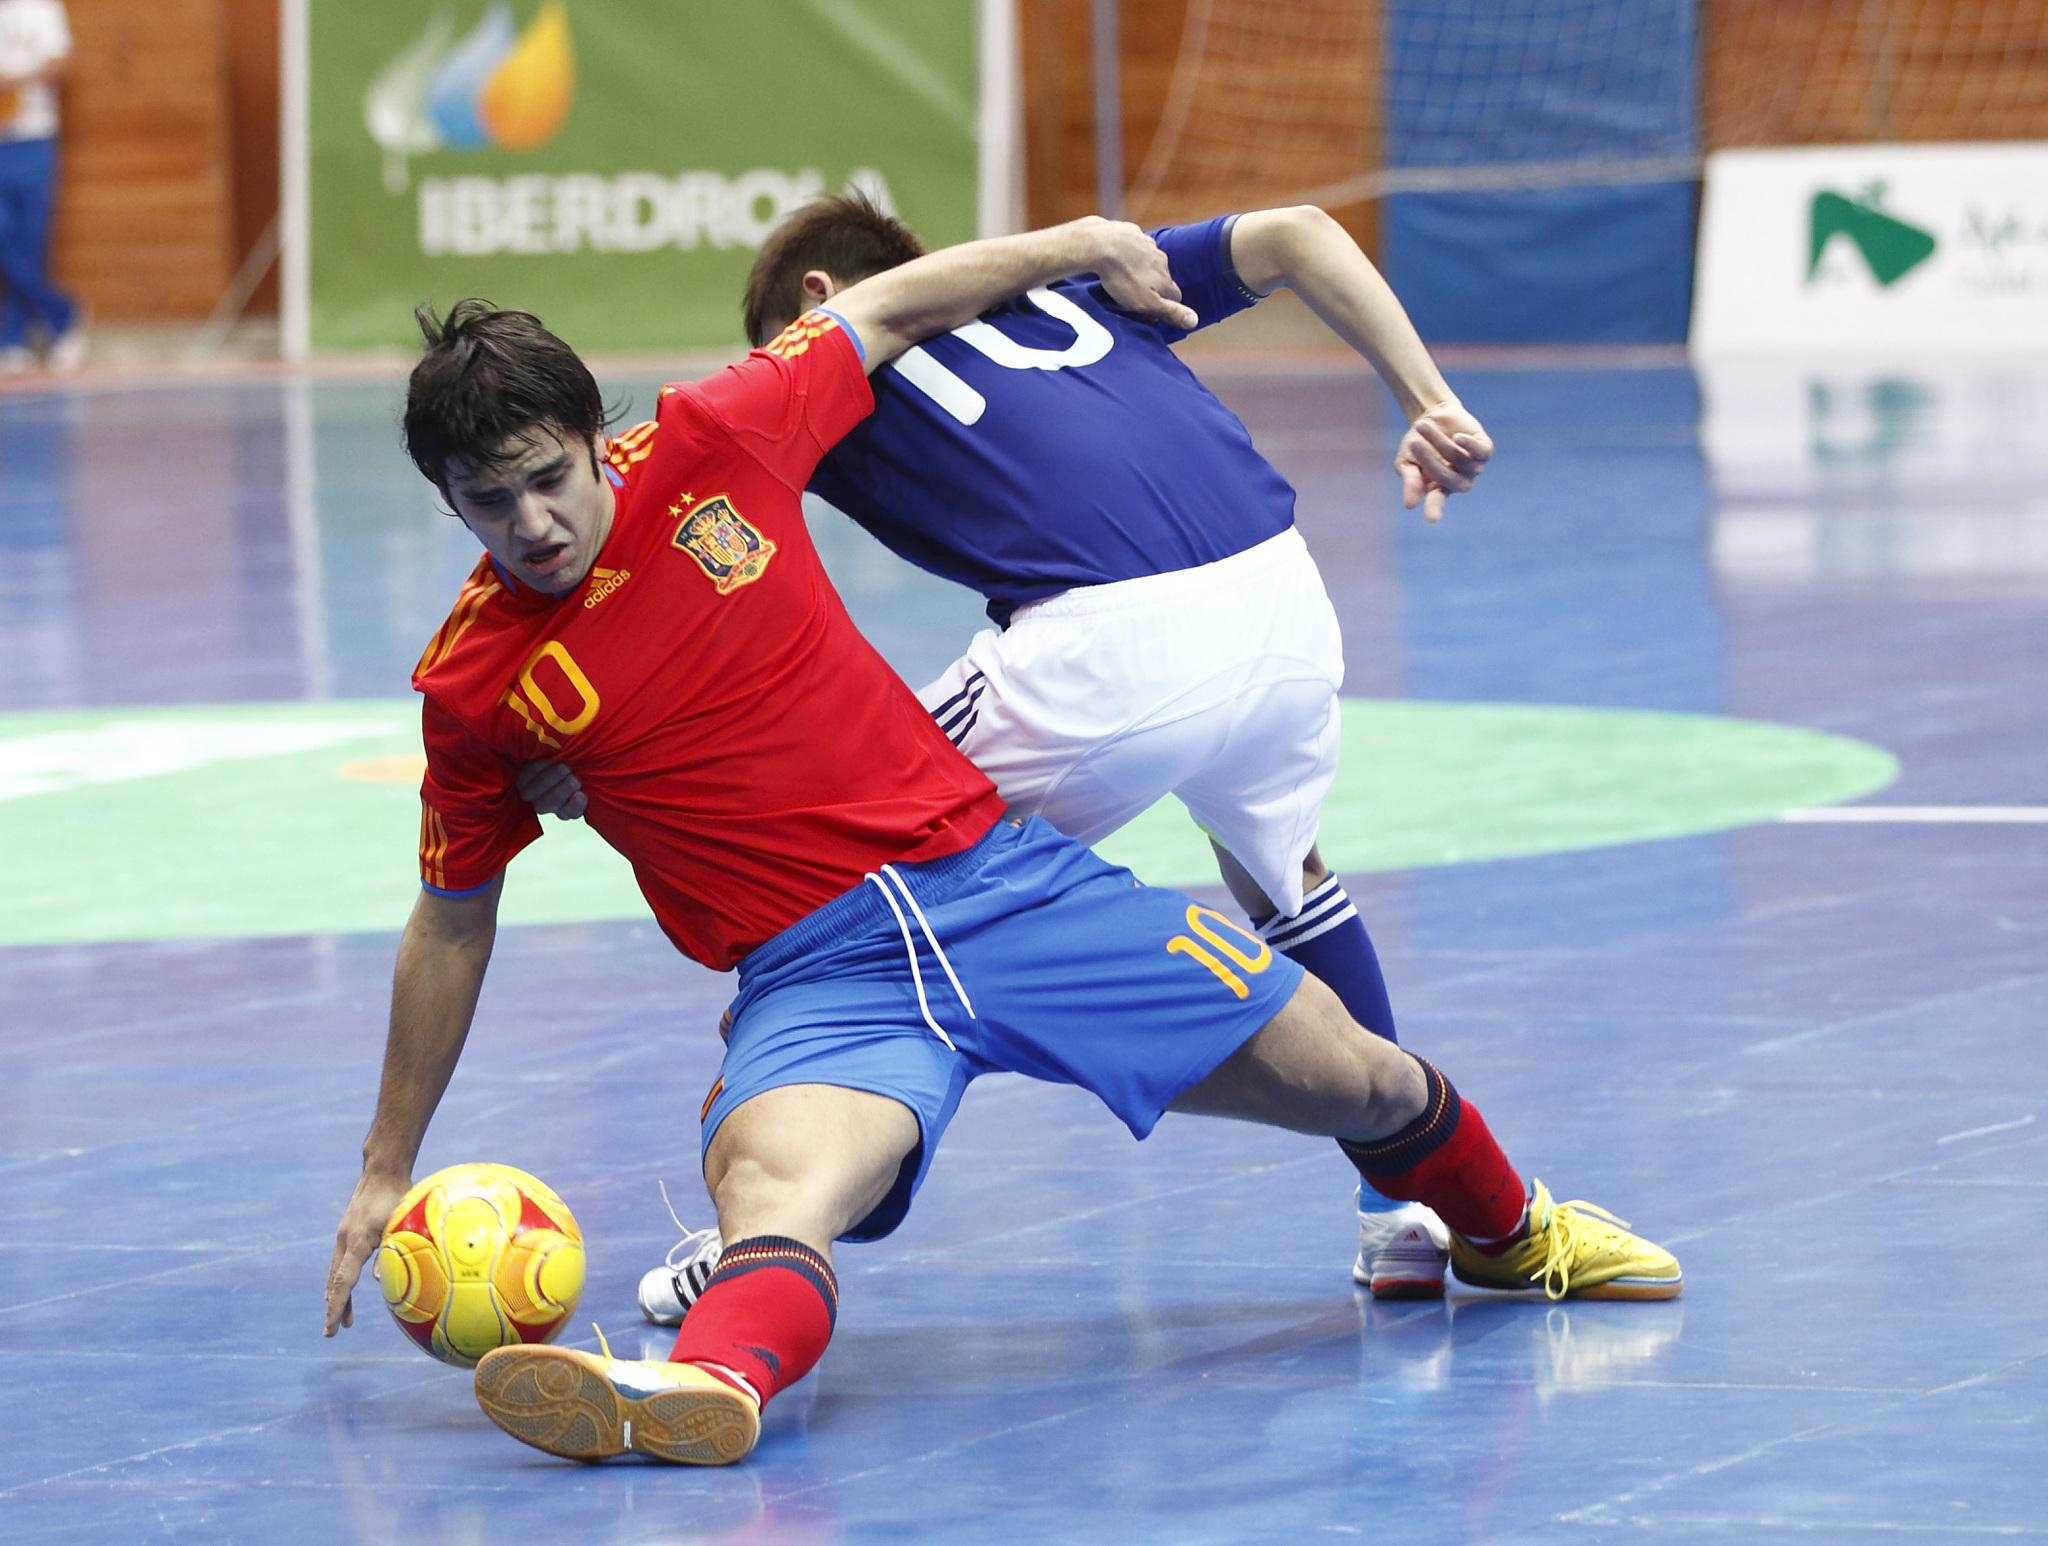 Charlie disputa un balón en un España-Japón en 2010